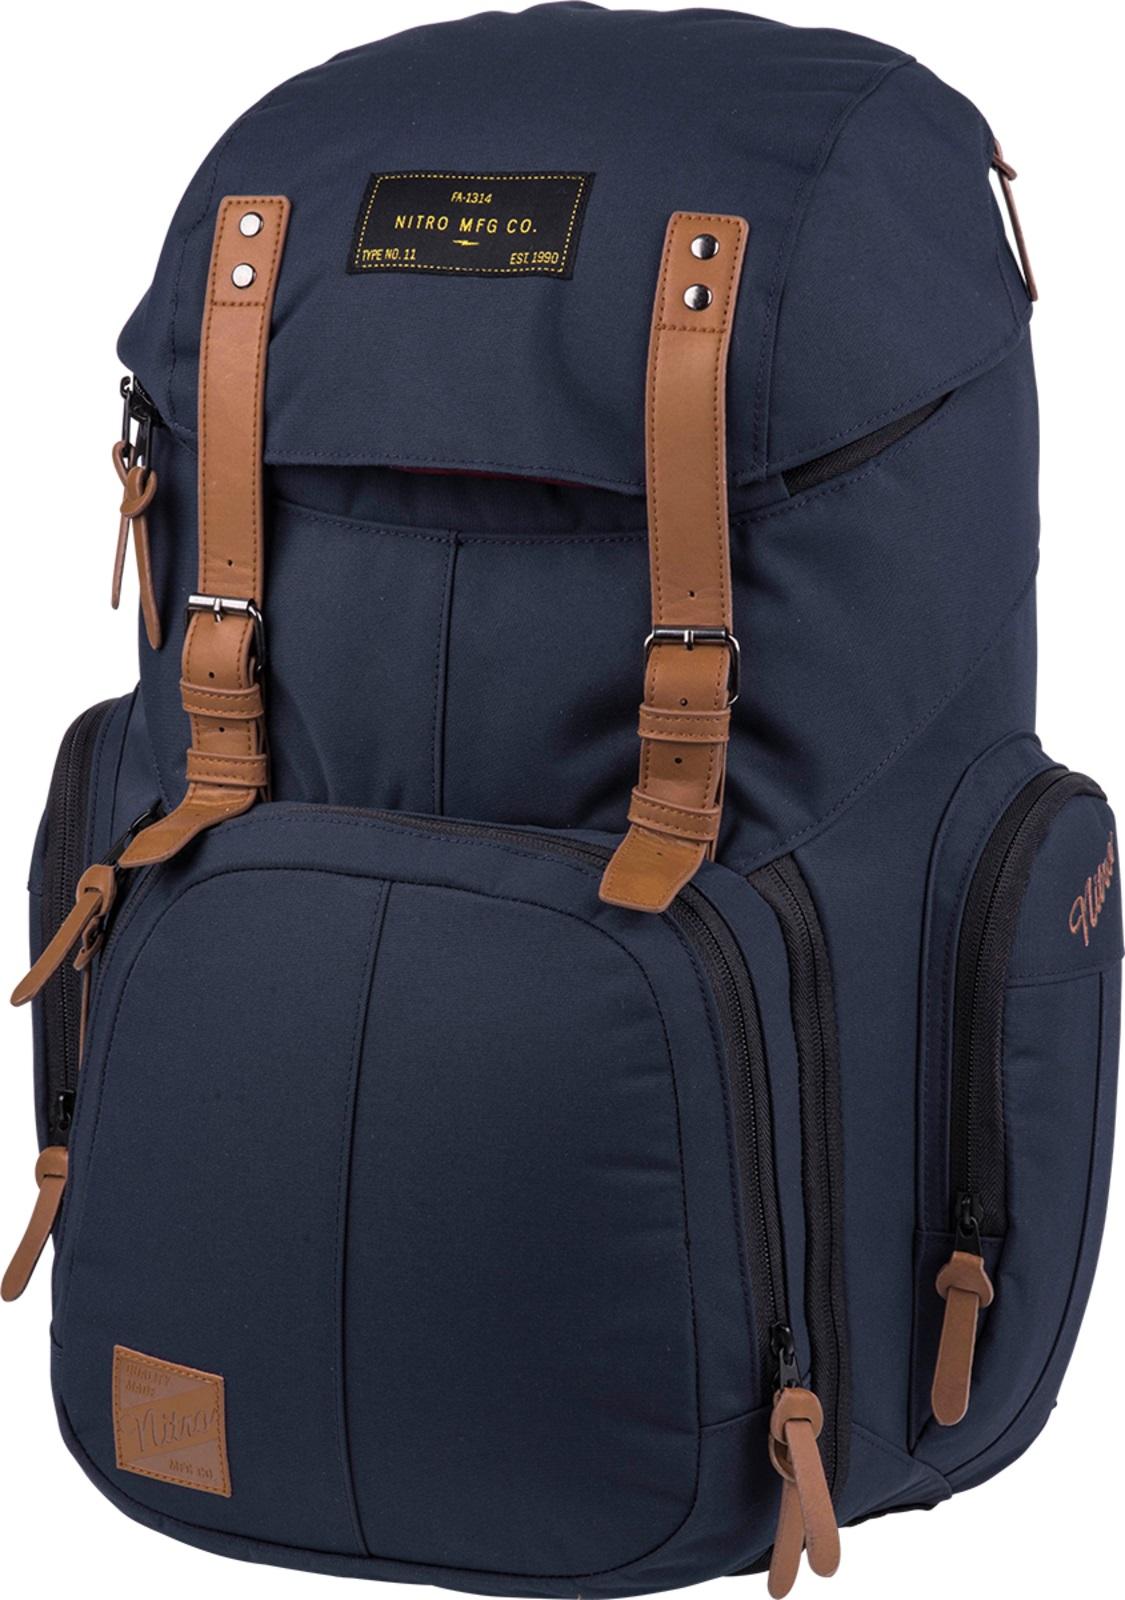 Nitro batoh Weekender indigo 42L + doprava zdarma, sleva při registraci